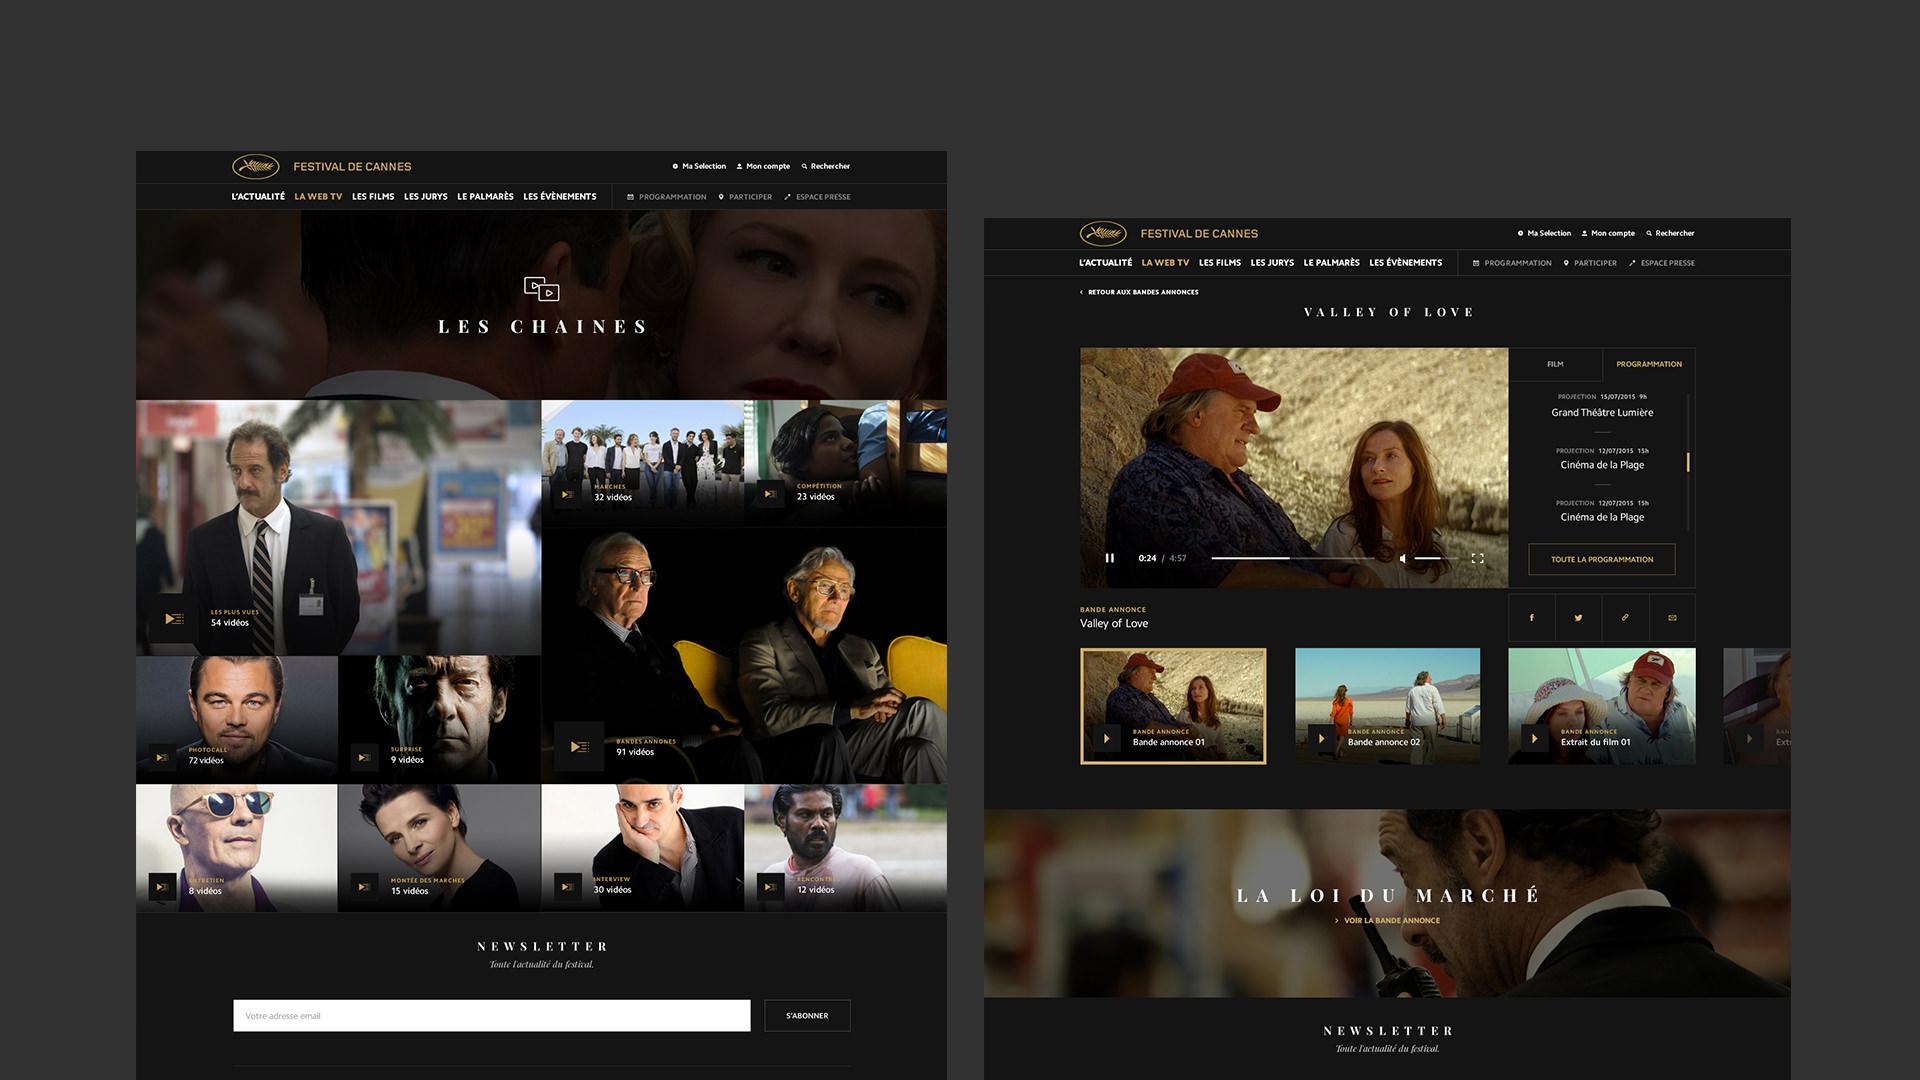 festival de cannes web tv